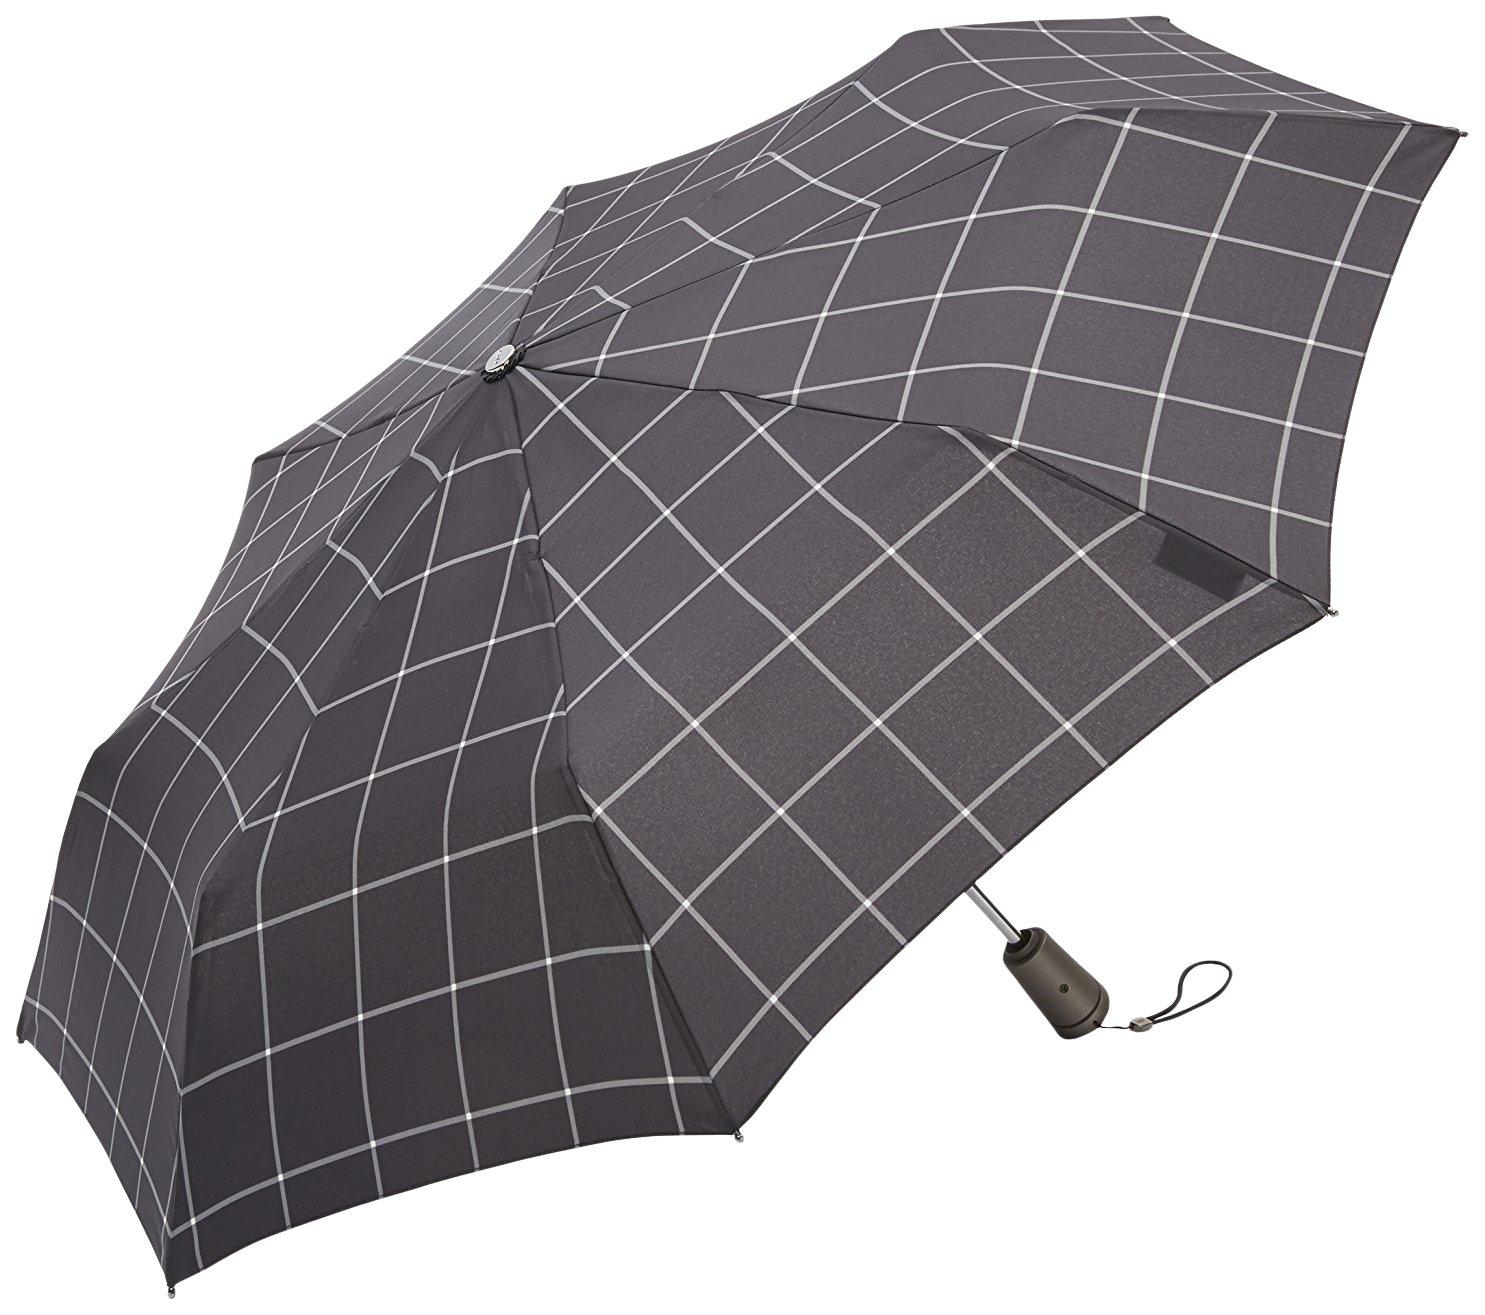 トーツ (totes) 自動開閉 折り畳み傘 Titan Line 三つ折り54cm W80(ブラックチェック) B01BHU6NQQ ウィンドウペン ウィンドウペン